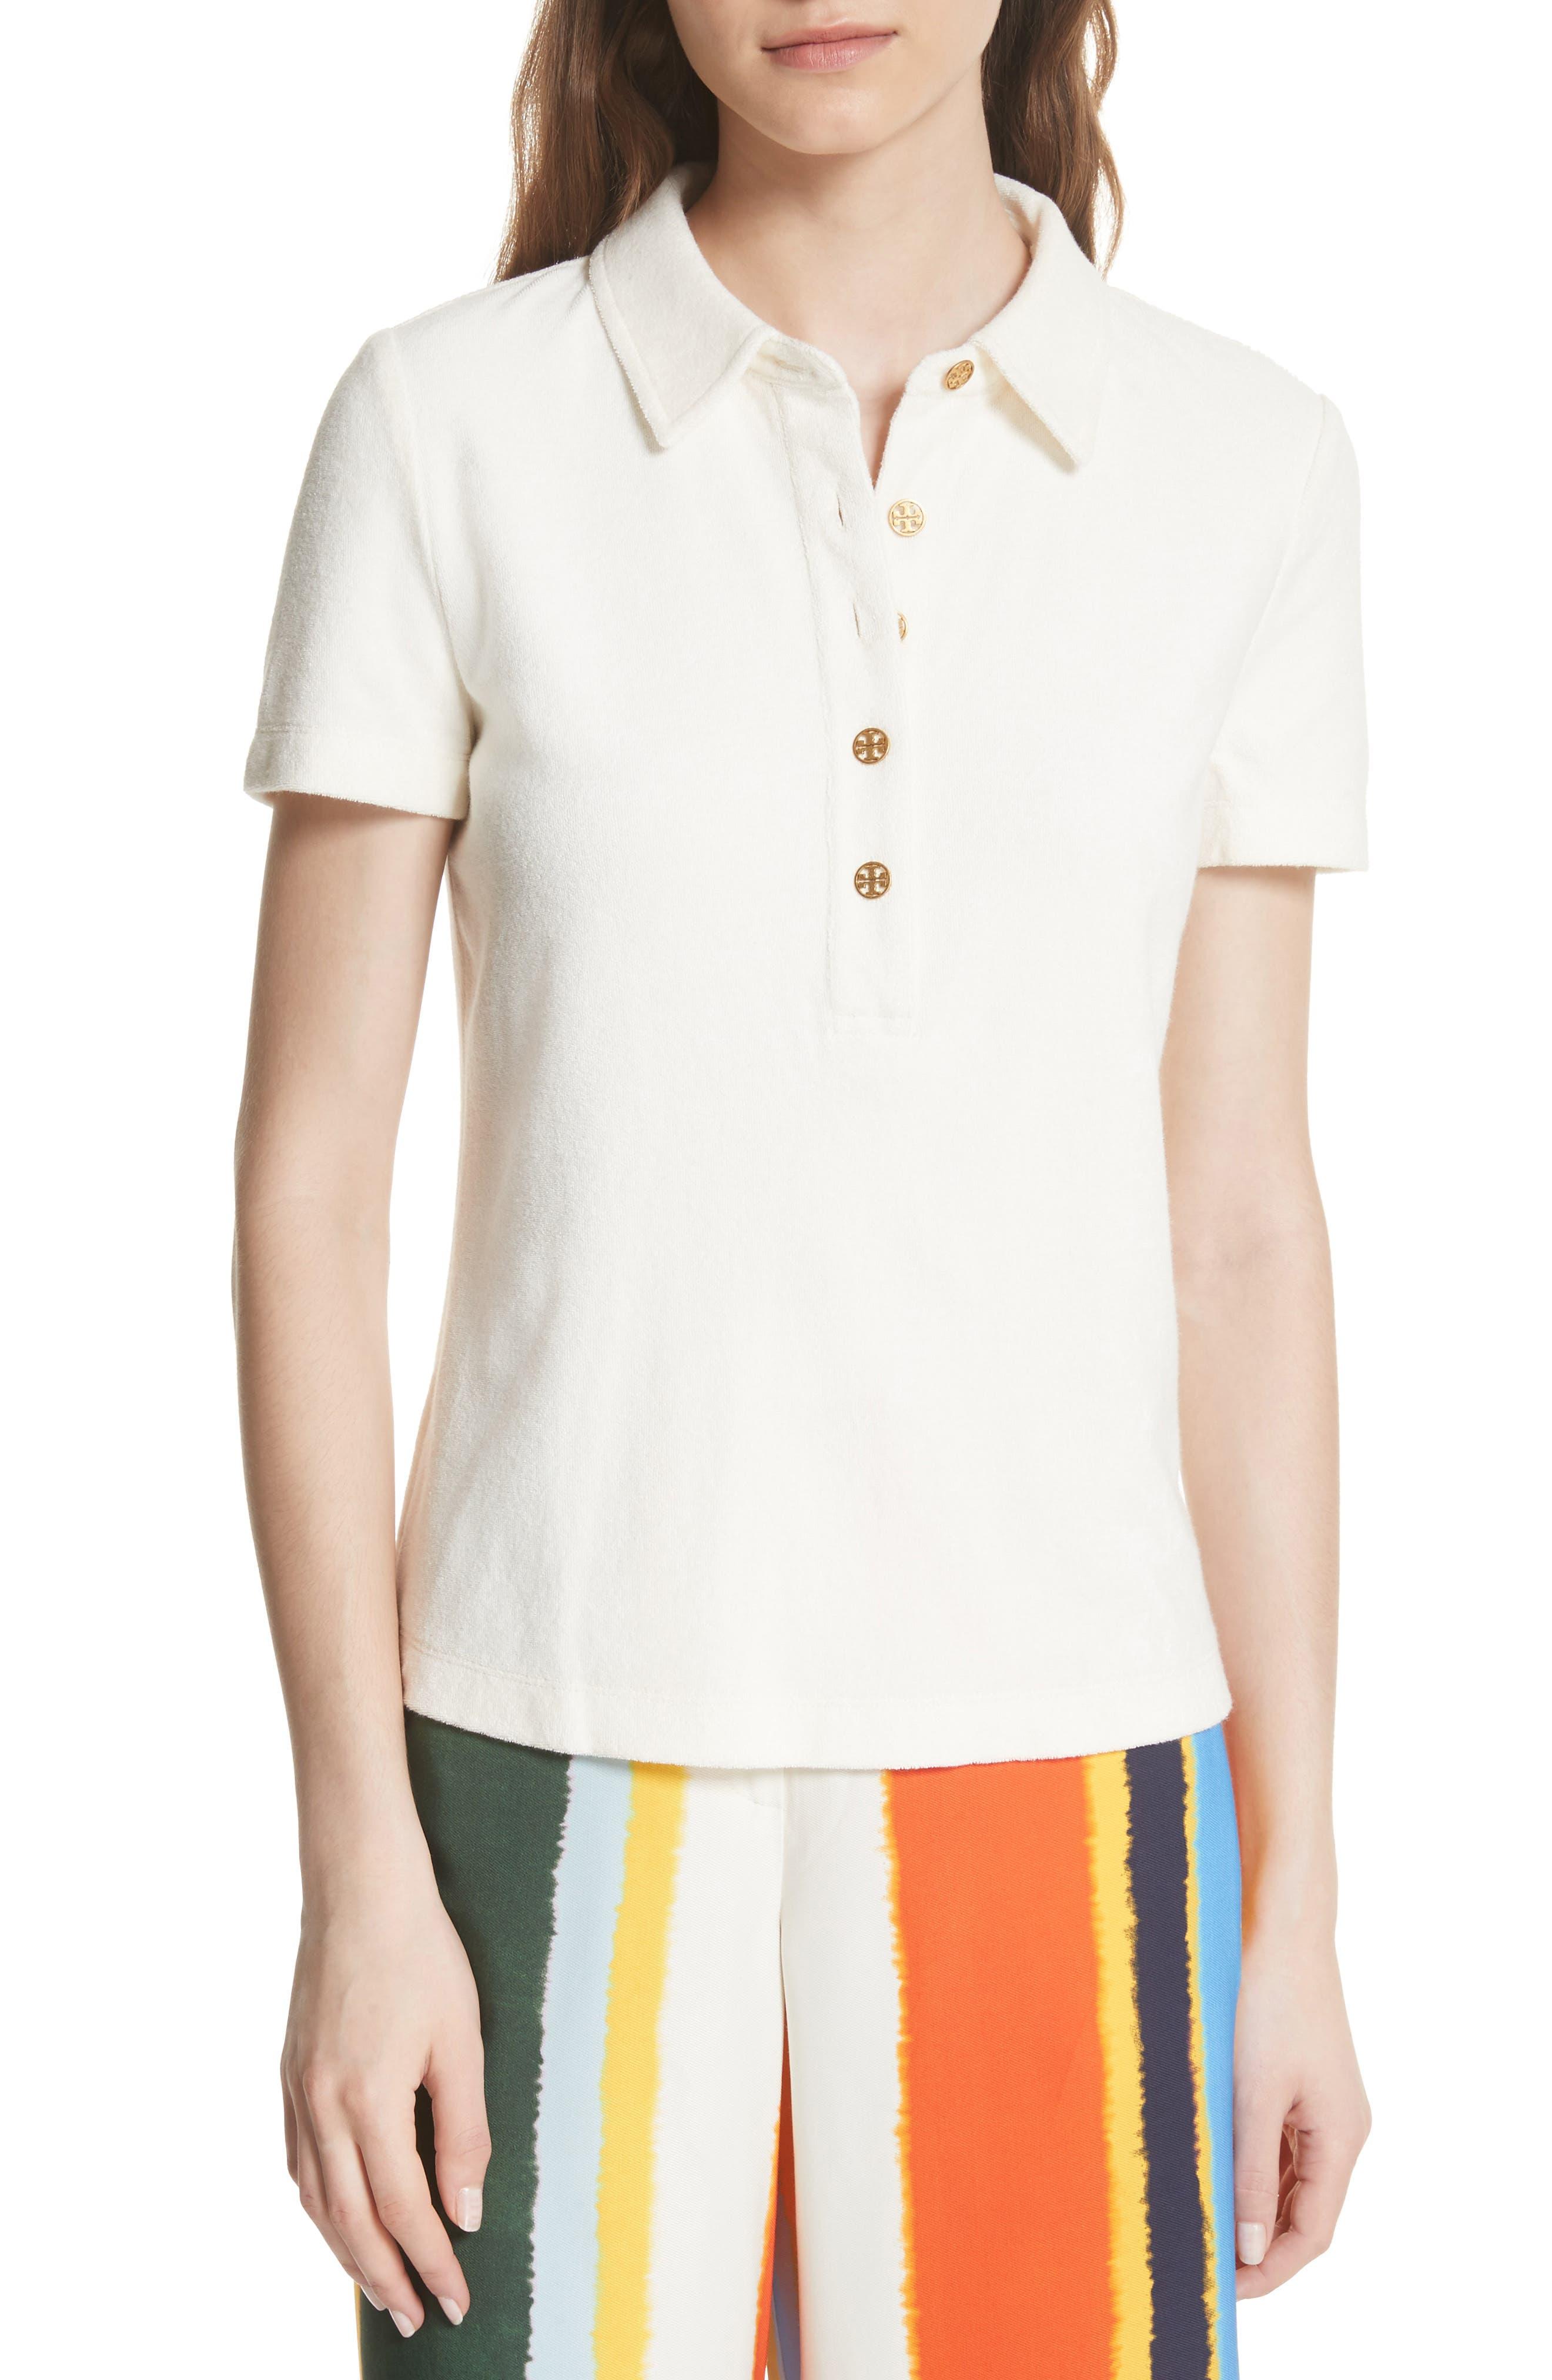 LENNOX TERRY CLOTH POLO